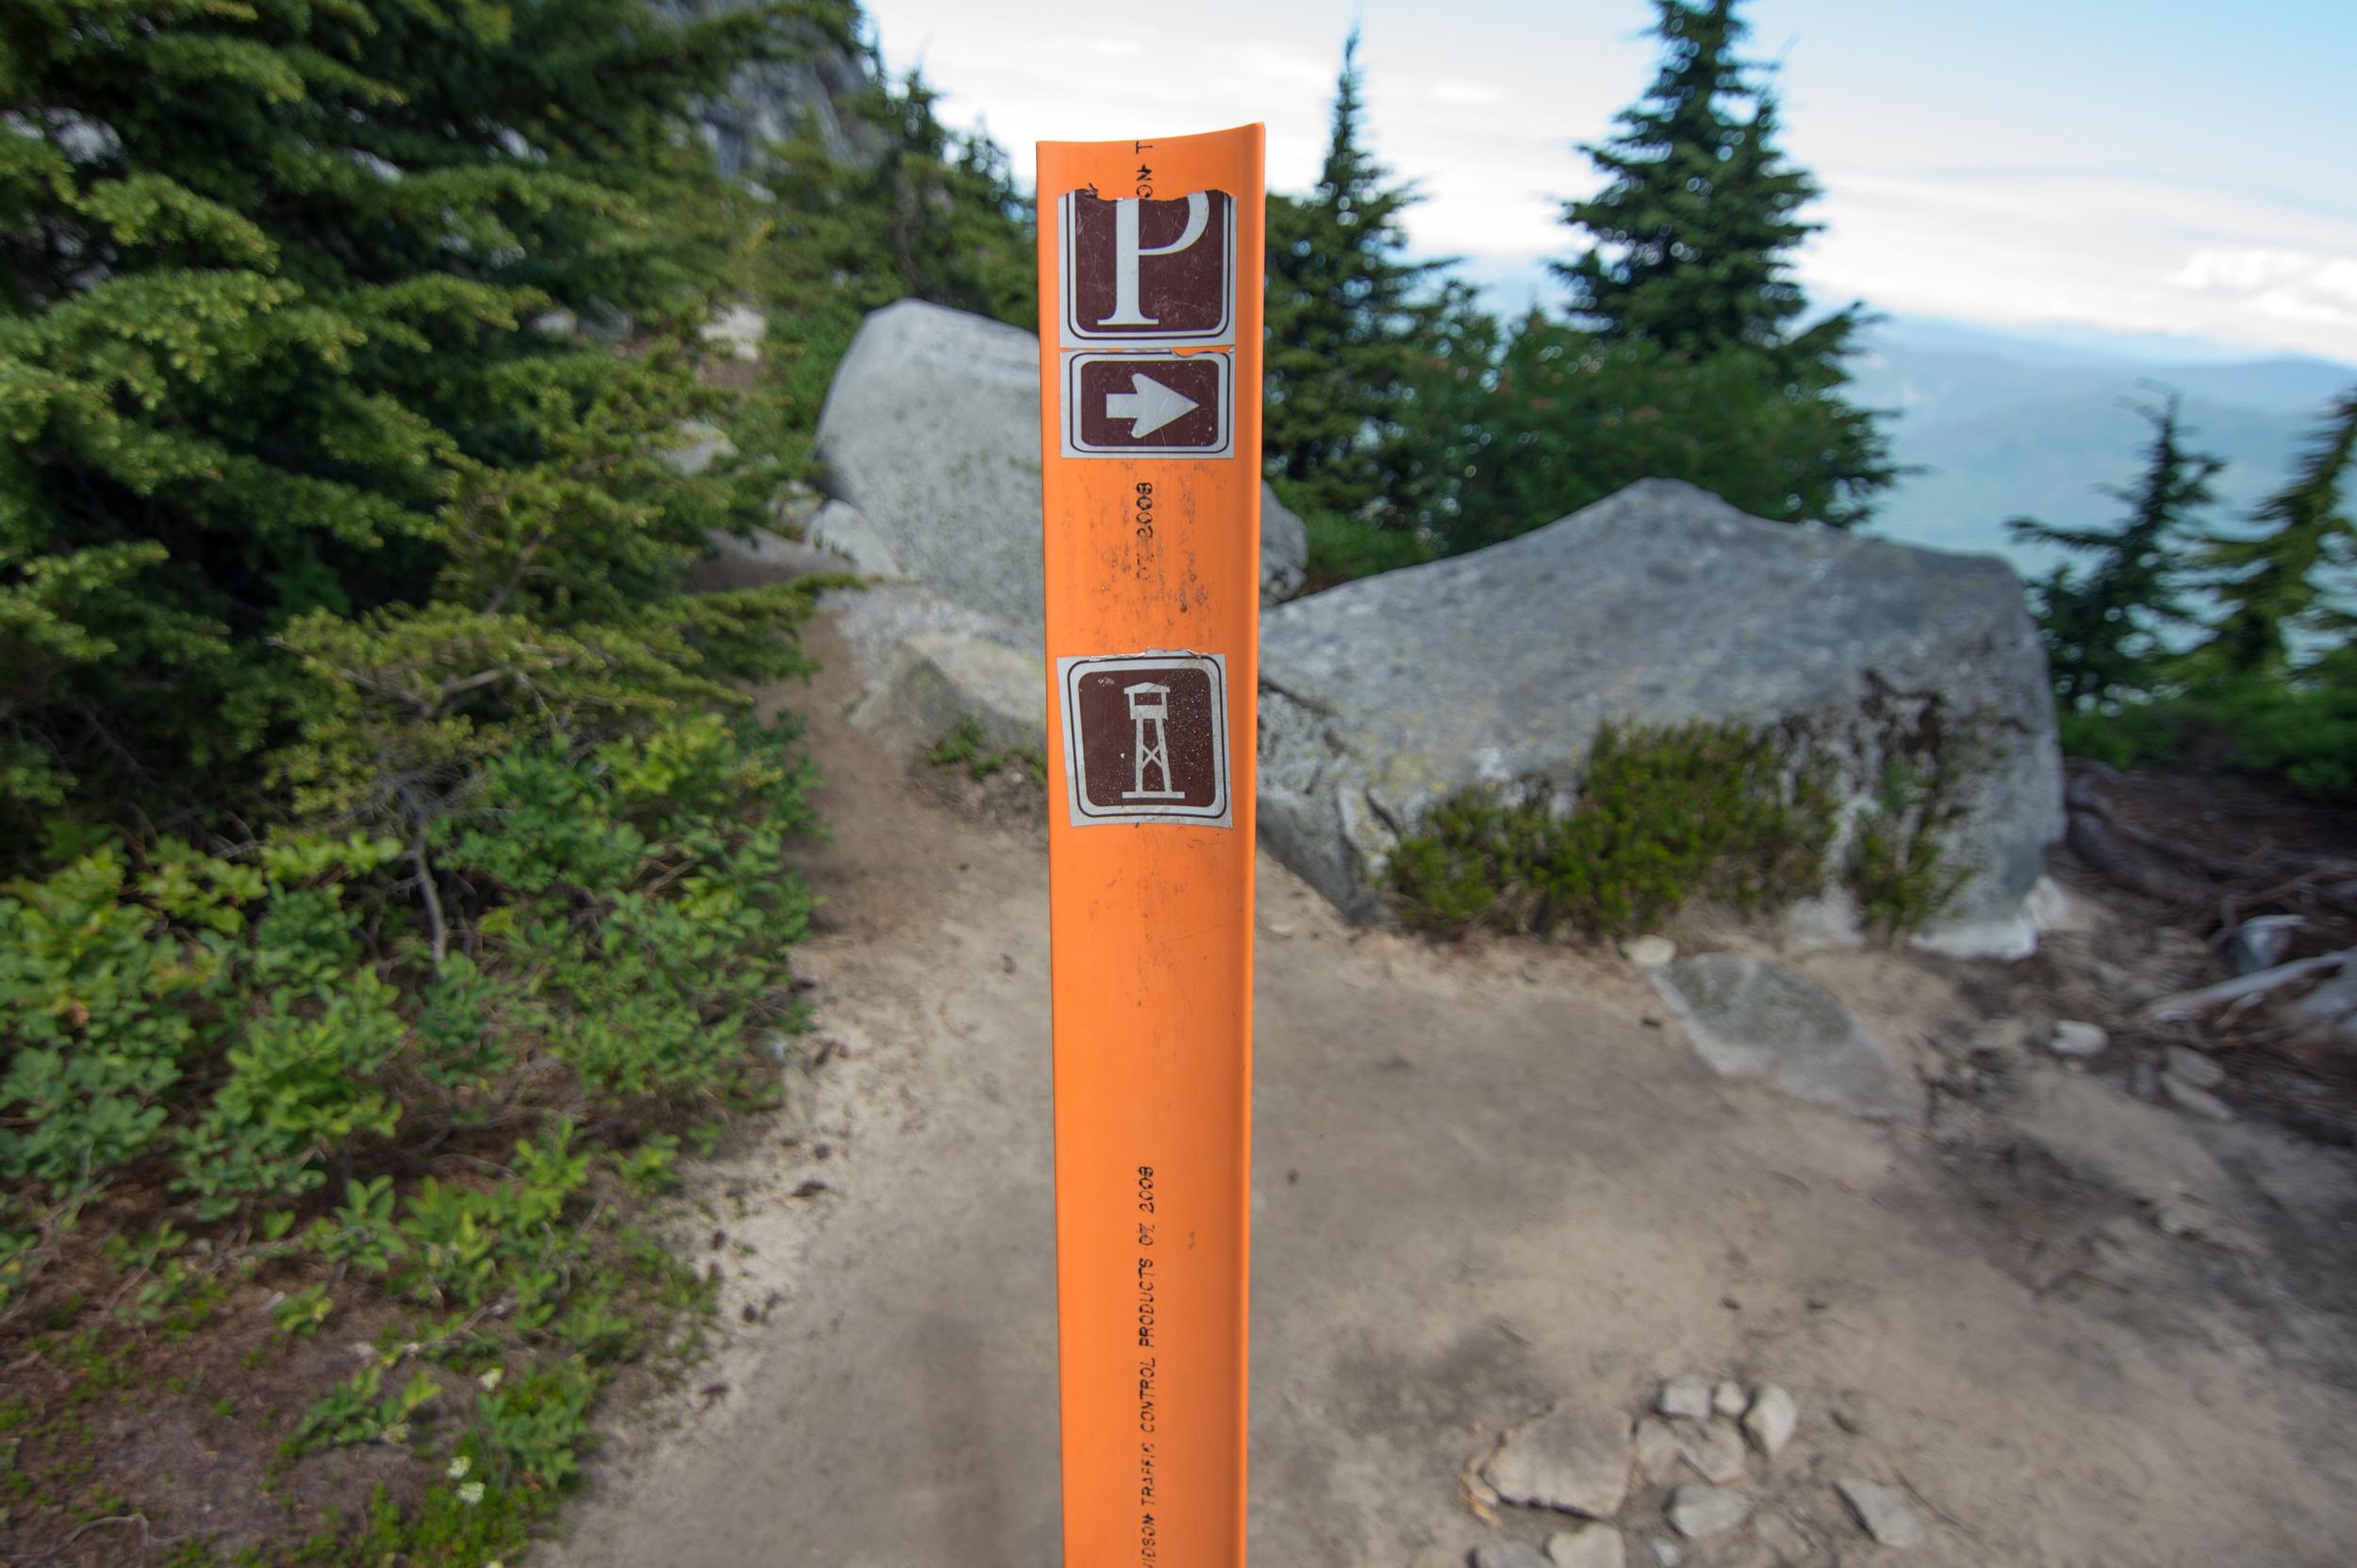 Mount_Pilchuck-21.jpg